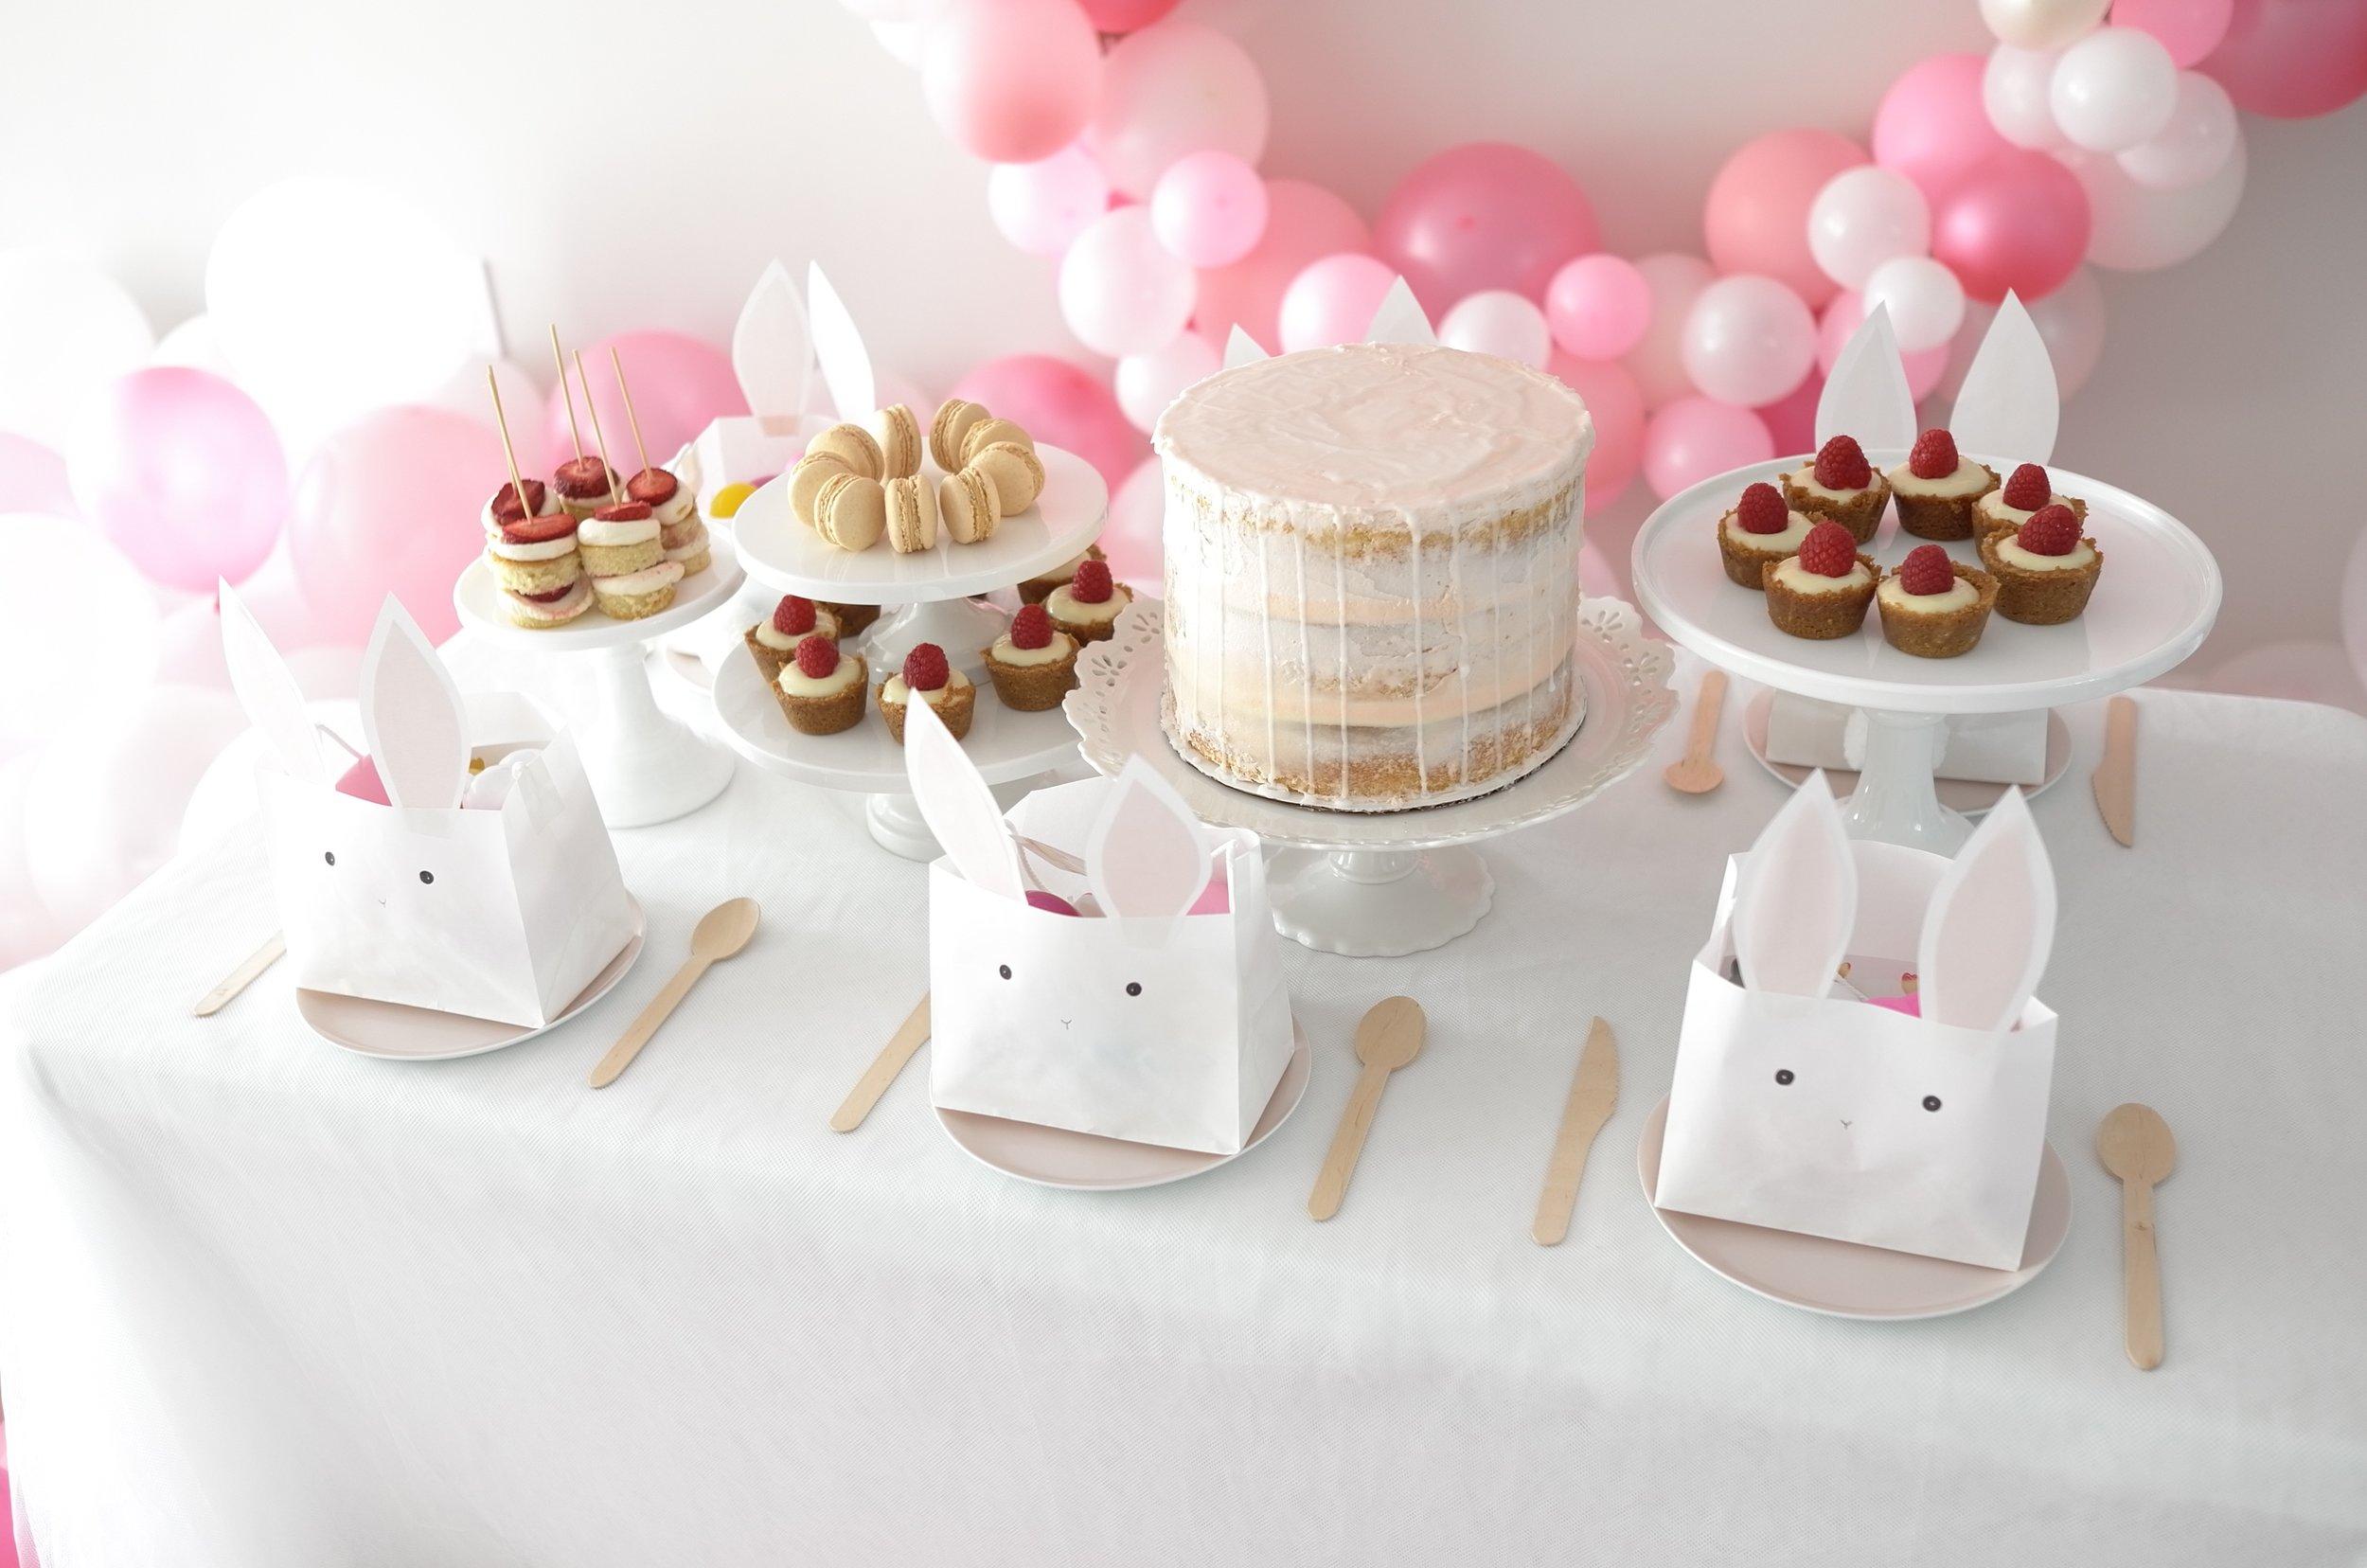 Bunny Bash 2017 on meethaha.com